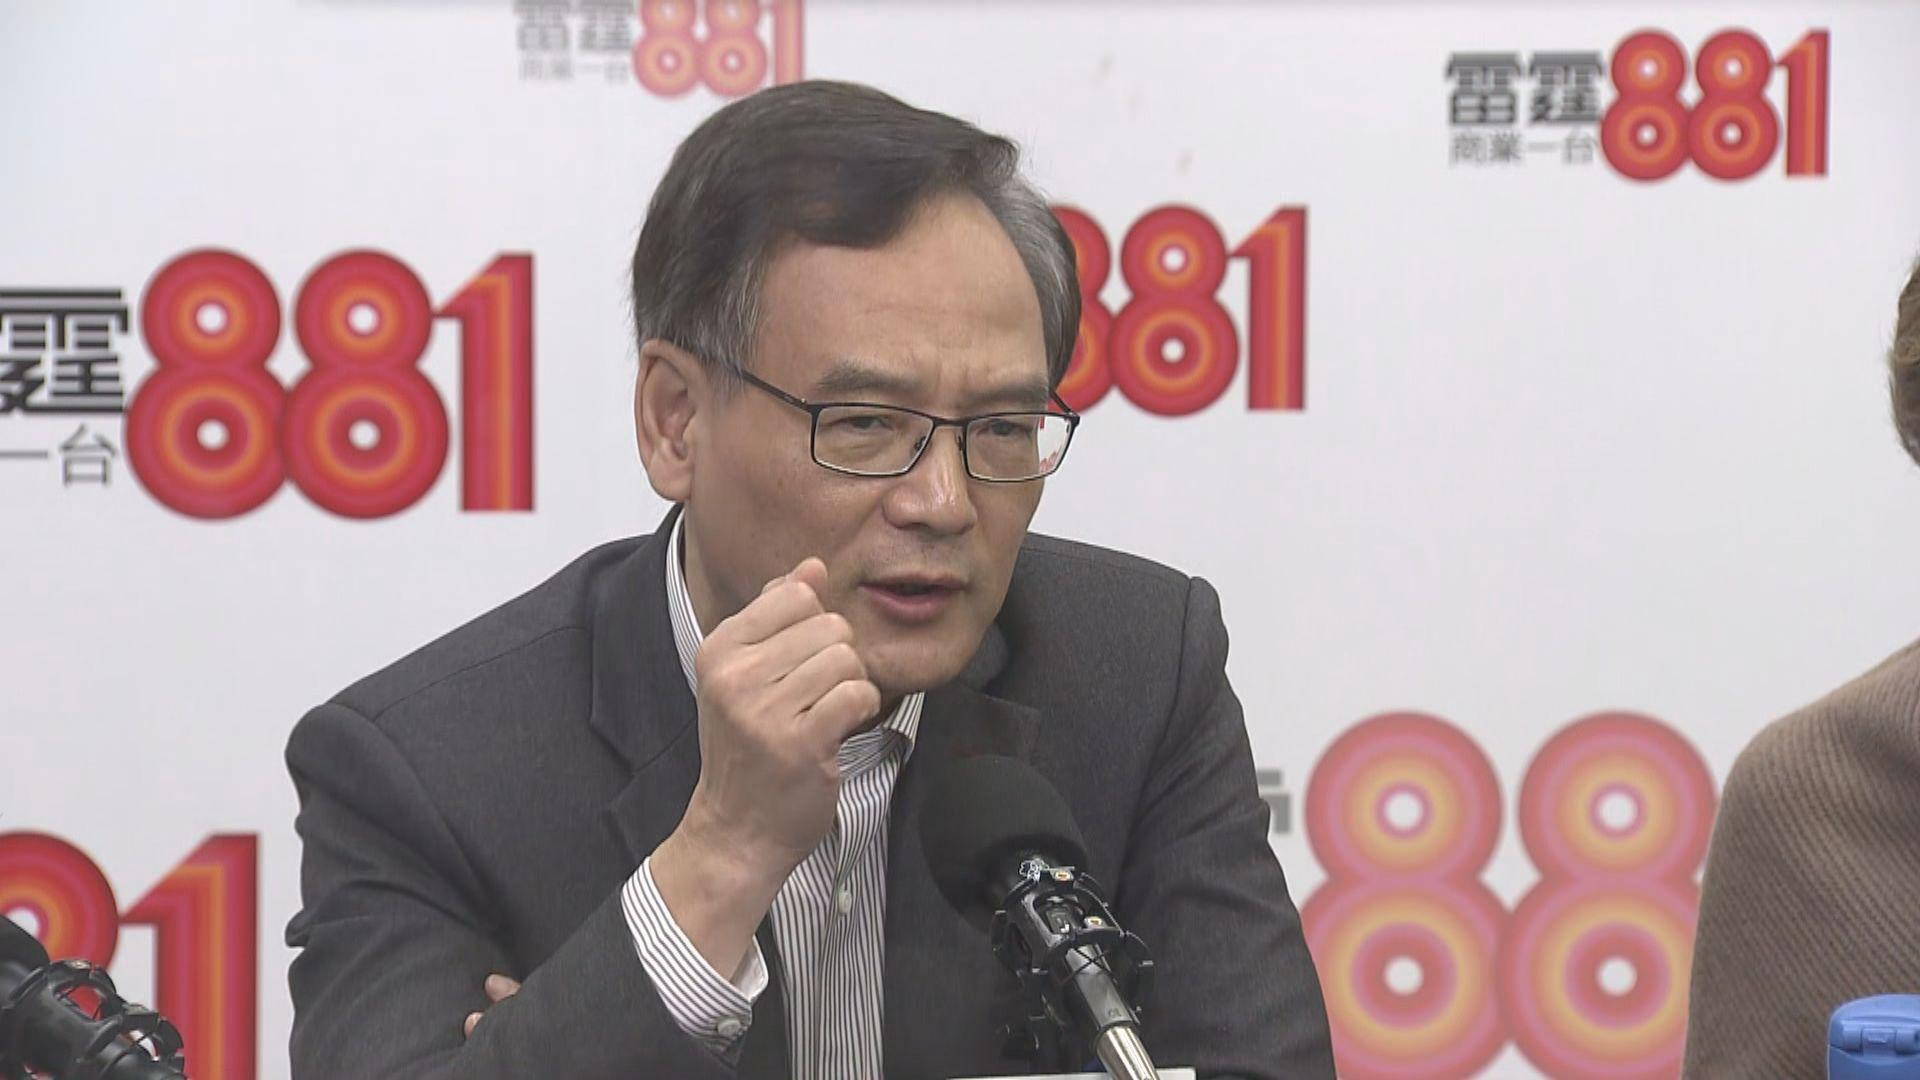 謝偉銓:港鐵誠信破產需改革現行監管制度